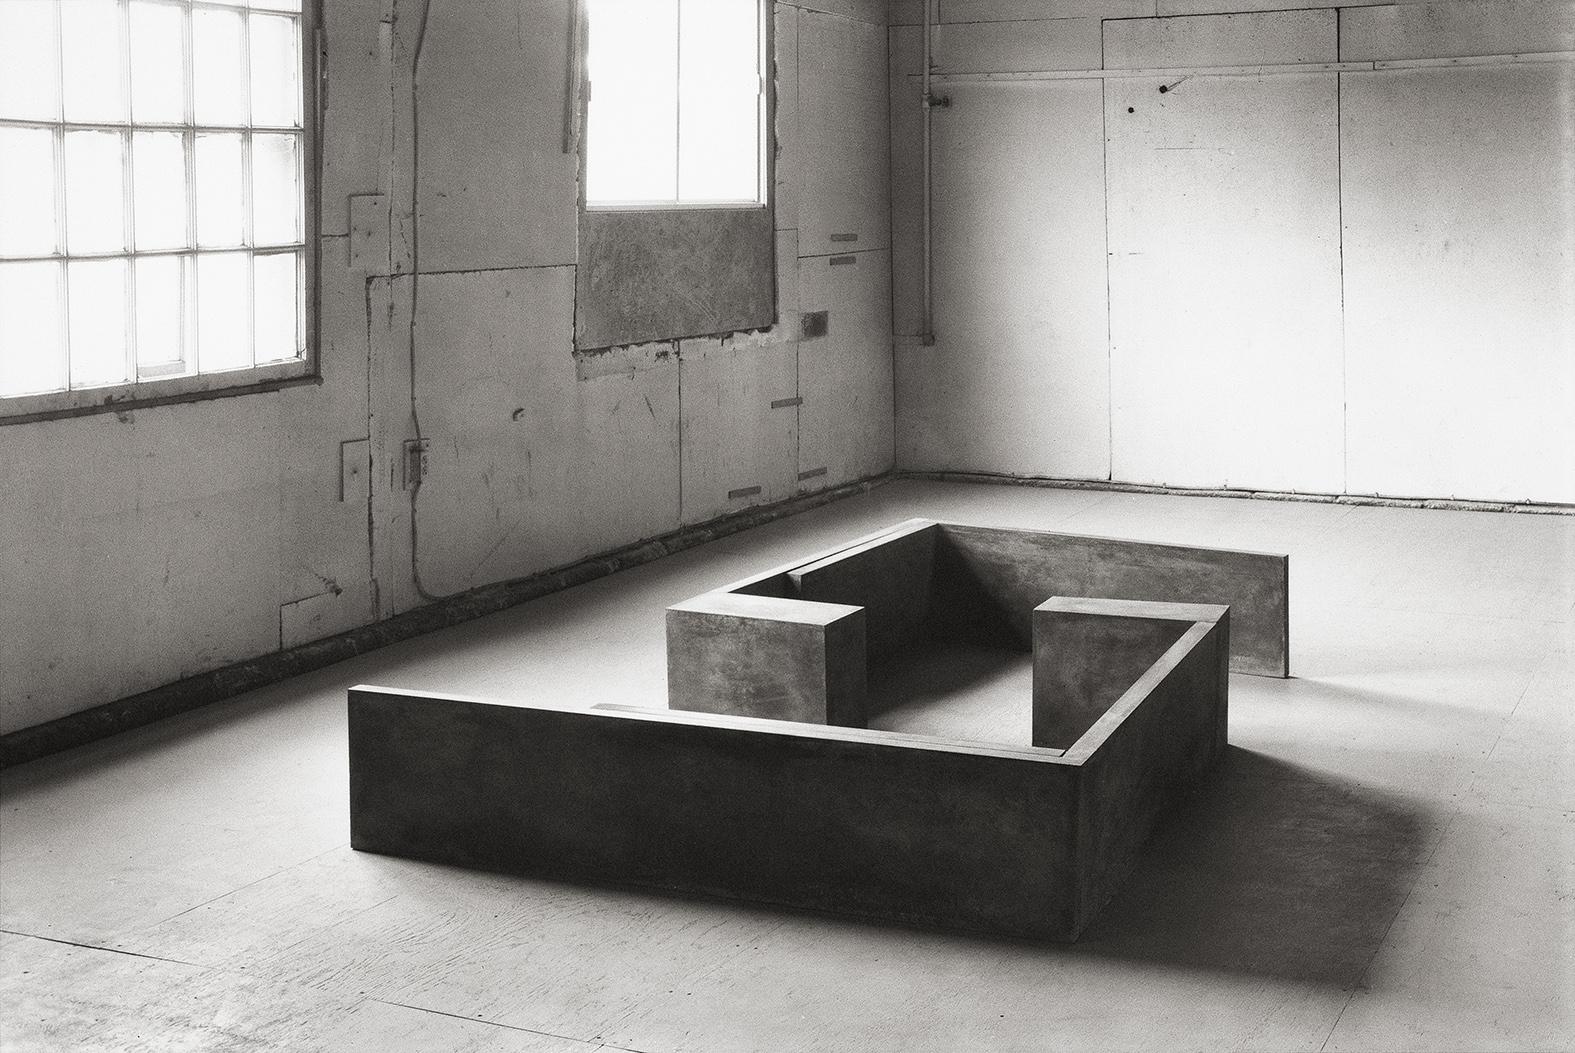 En apparence  (1982 - 1983)   Ciment, 42.5 x 182.5 x 293 cm, collection du Musée des beaux-arts du Canada. photo : Brian Merrett